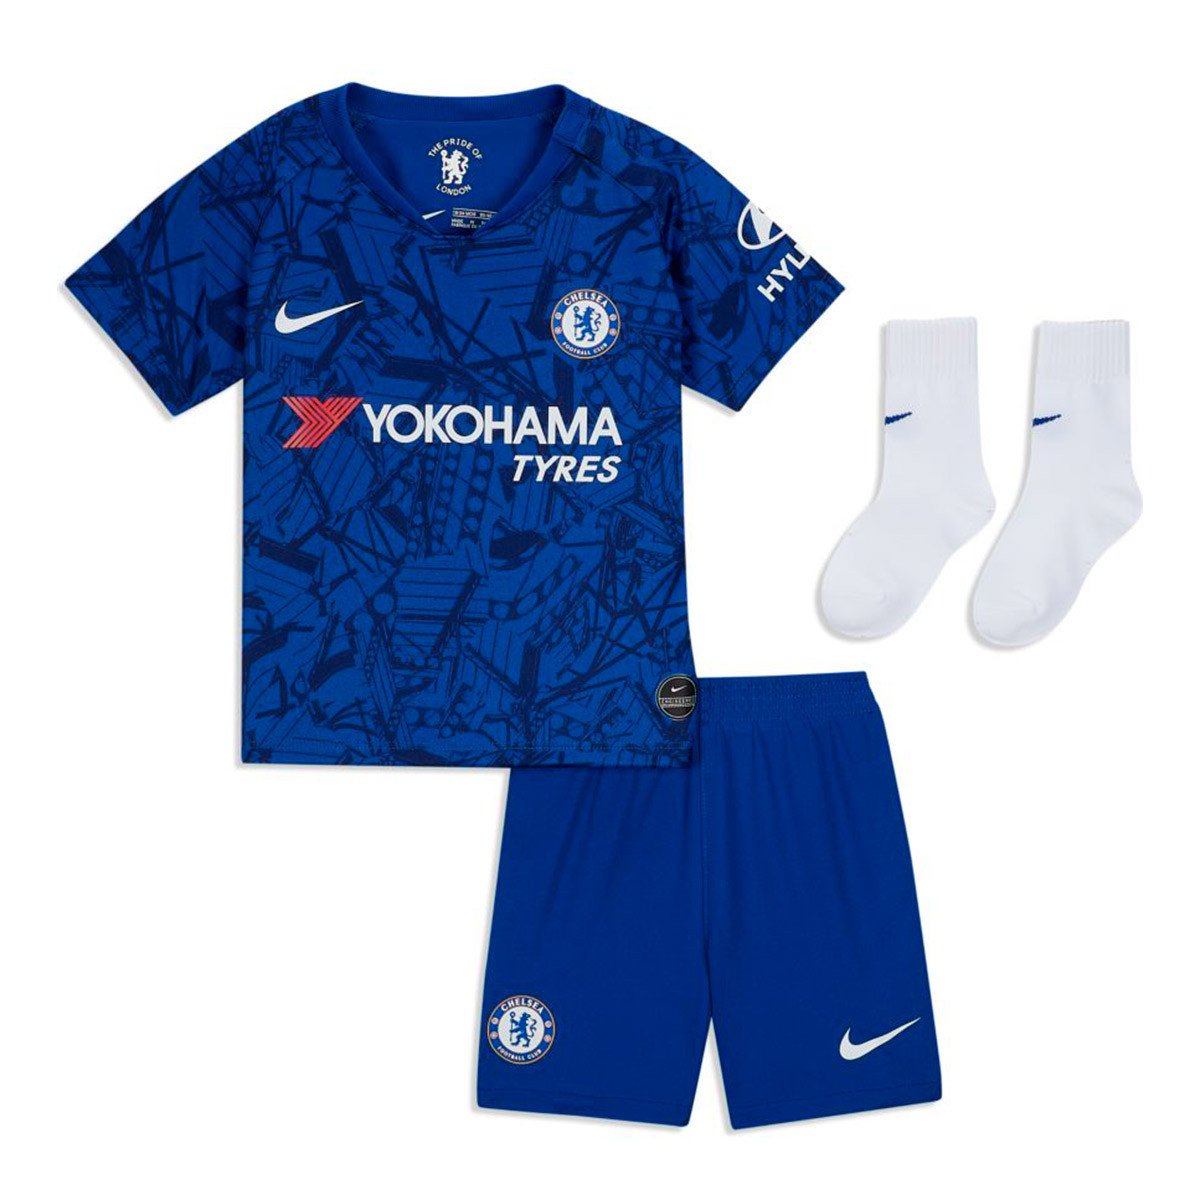 low cost cbcc4 e4cd3 Conjunto Chelsea FC Breathe Primera Equipación 2019-2020 Bebe Rush  blue-White